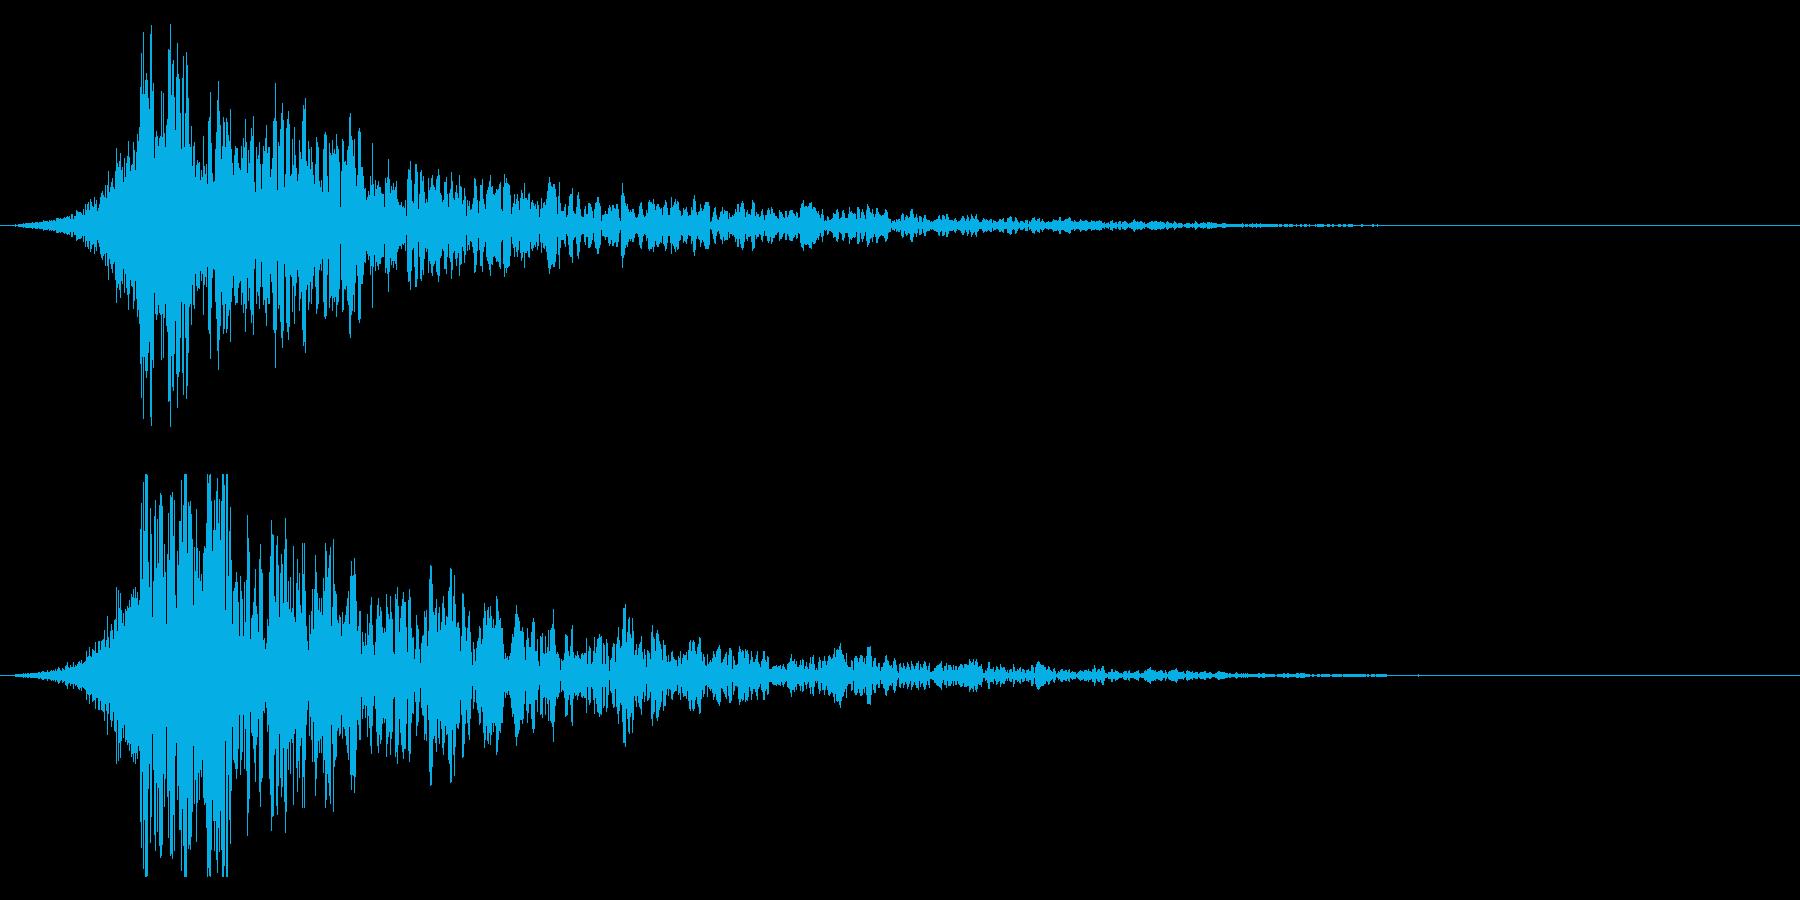 シュードーン-35-2(インパクト音)の再生済みの波形